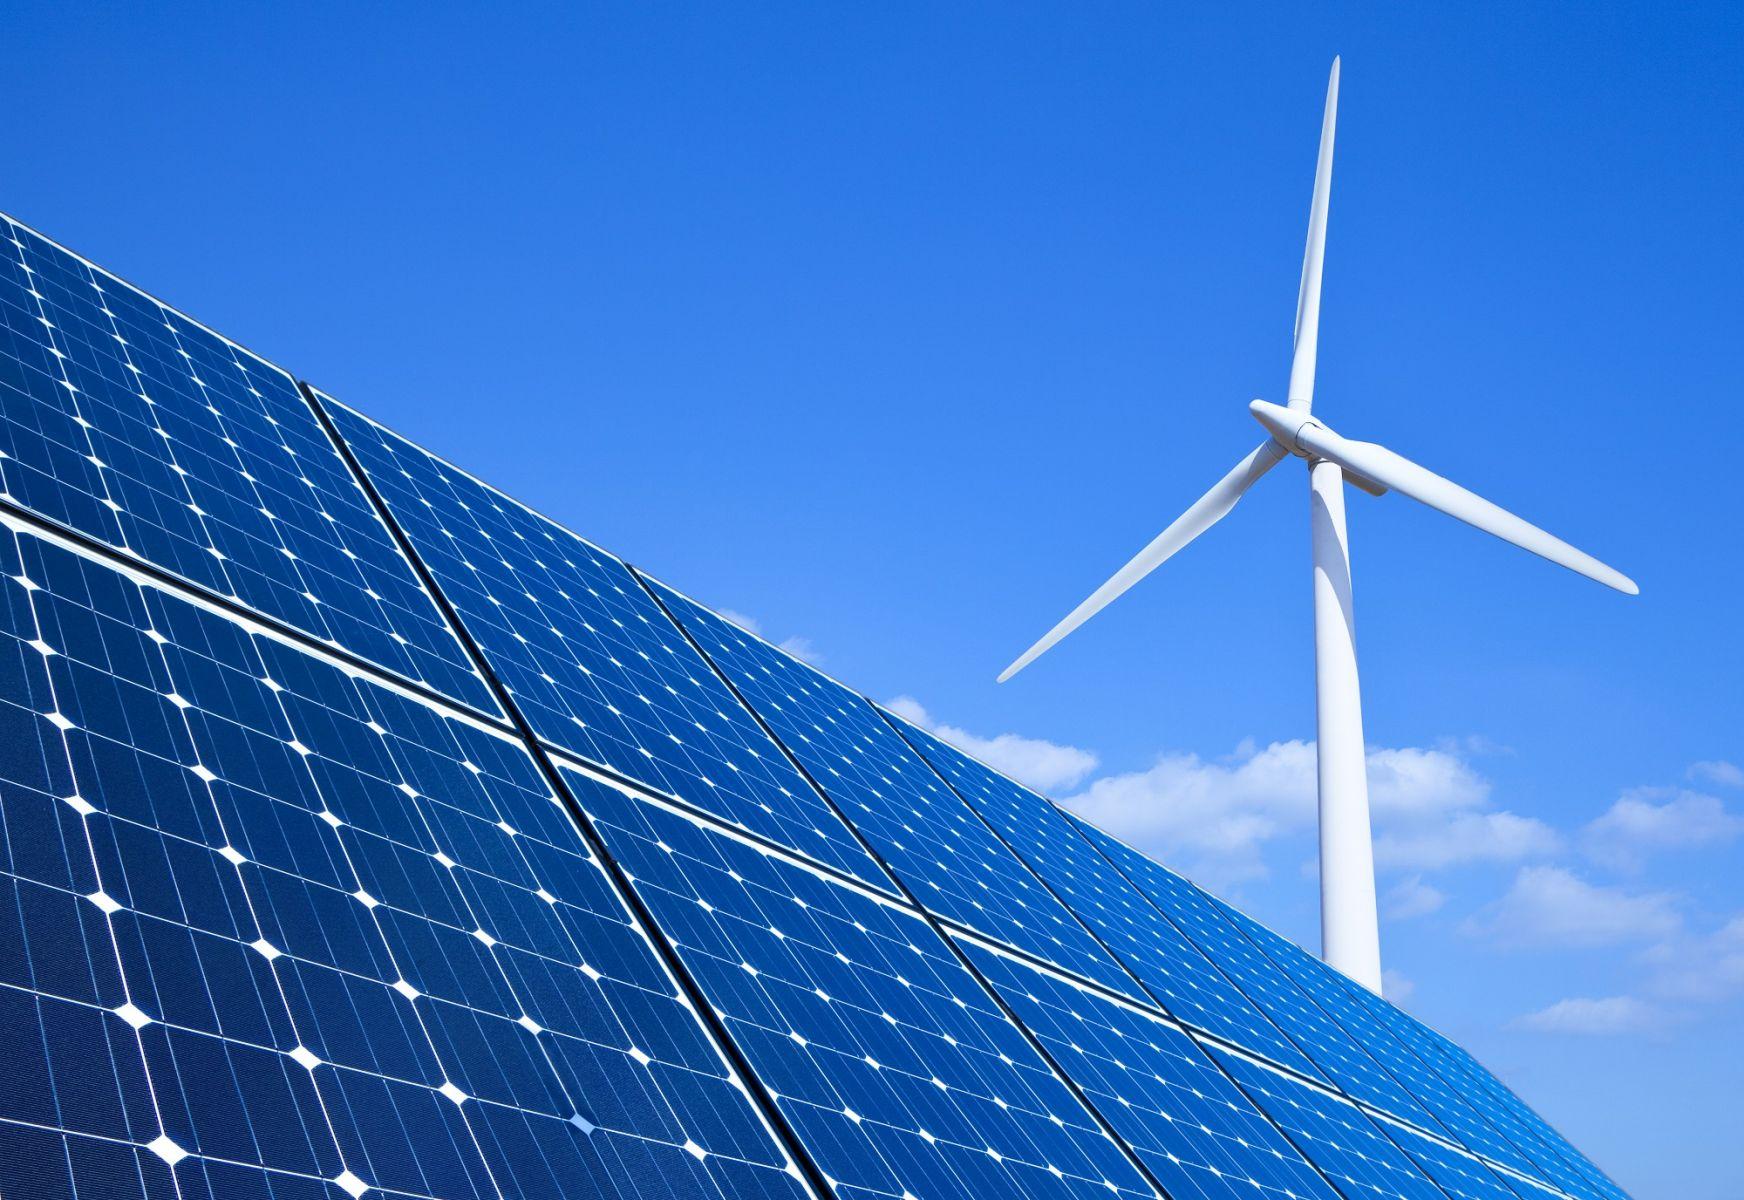 跟上國際能源轉型腳步 發展綠電永續環境